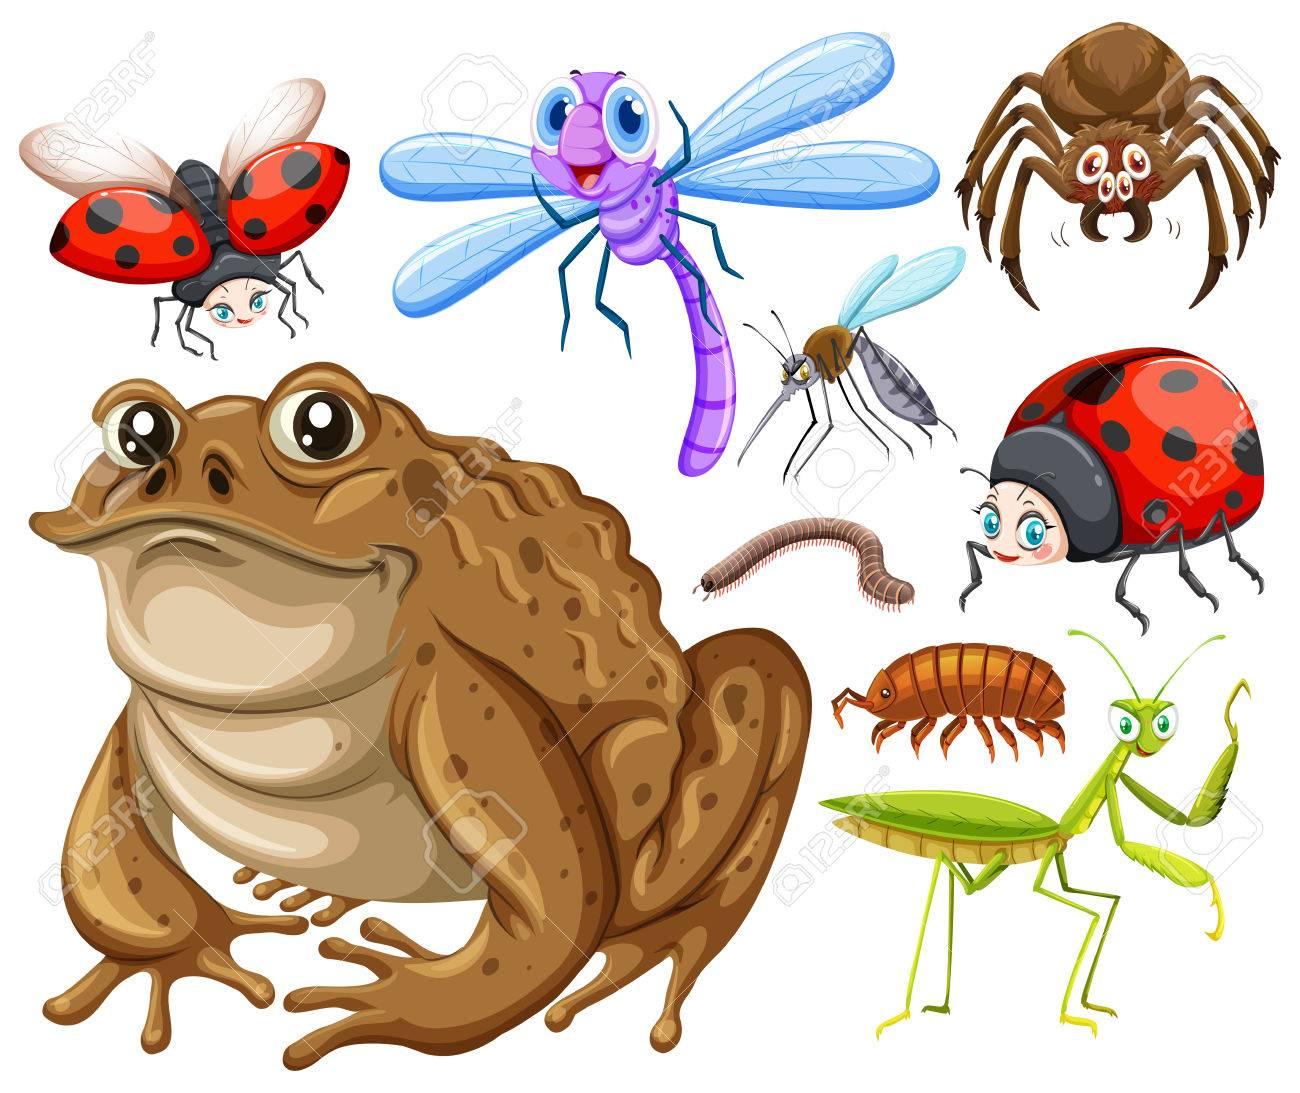 昆虫イラスト種類のイラスト素材ベクタ Image 58804680